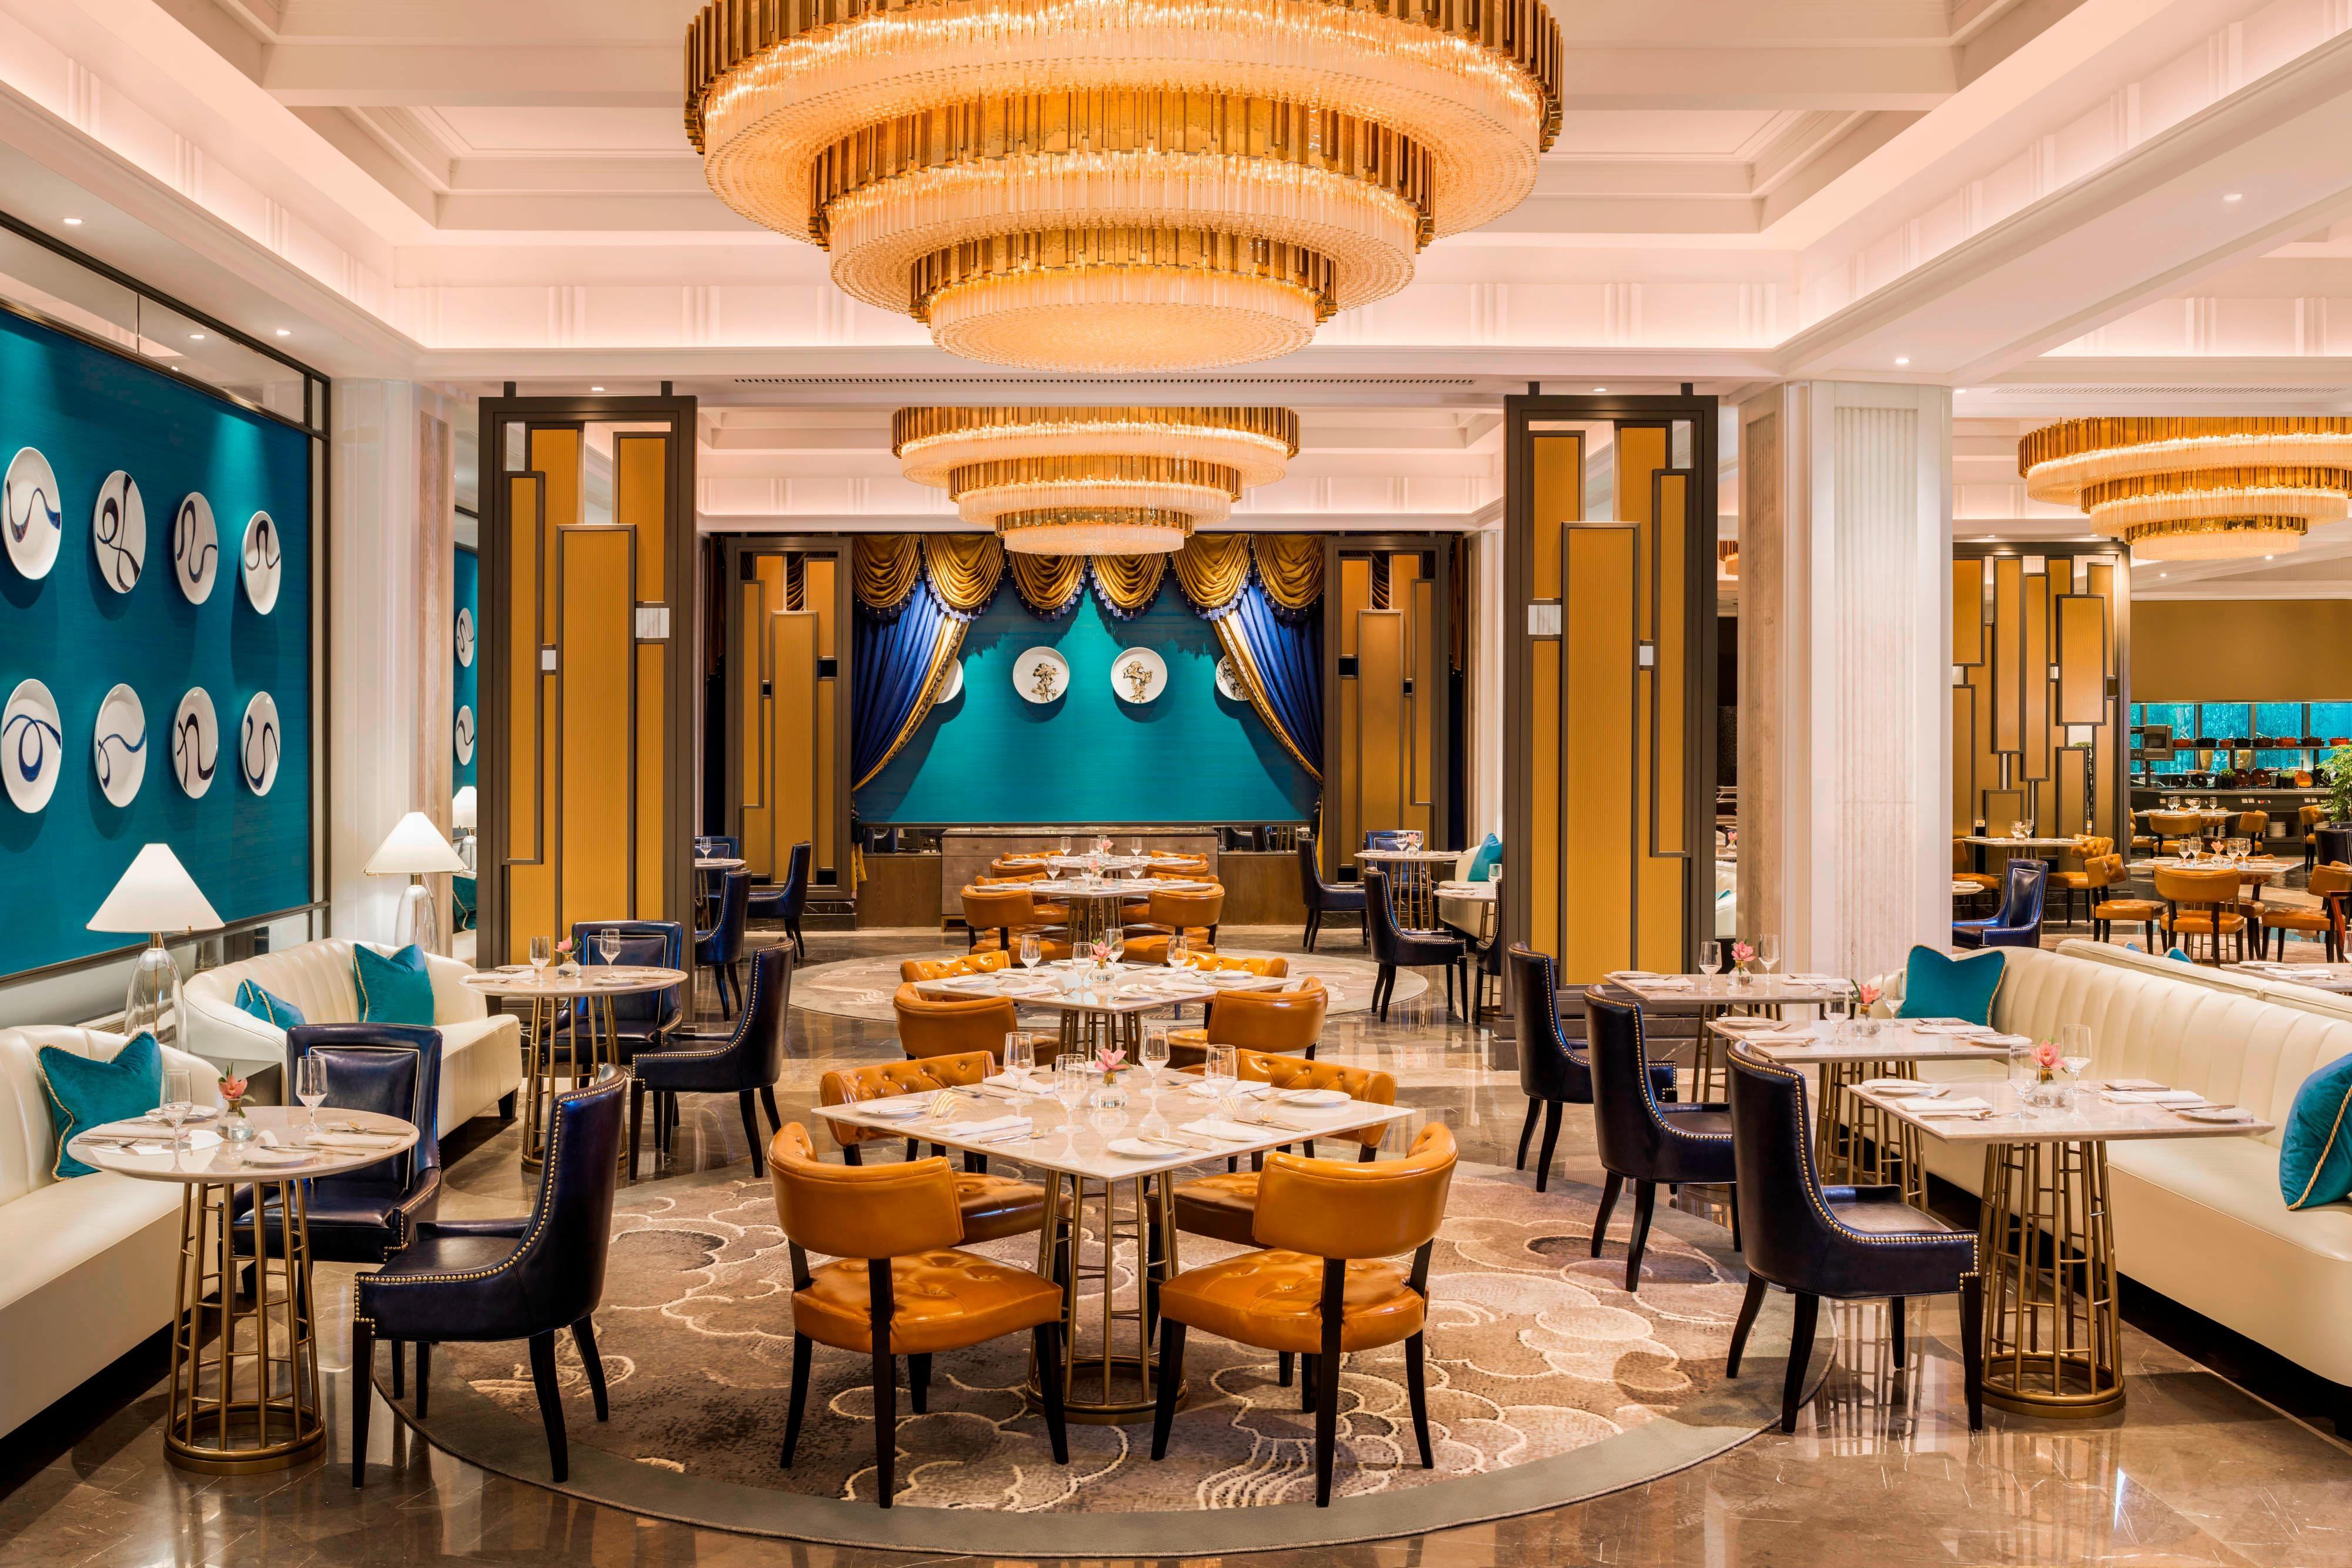 Socail Restaurant Main Dining Area